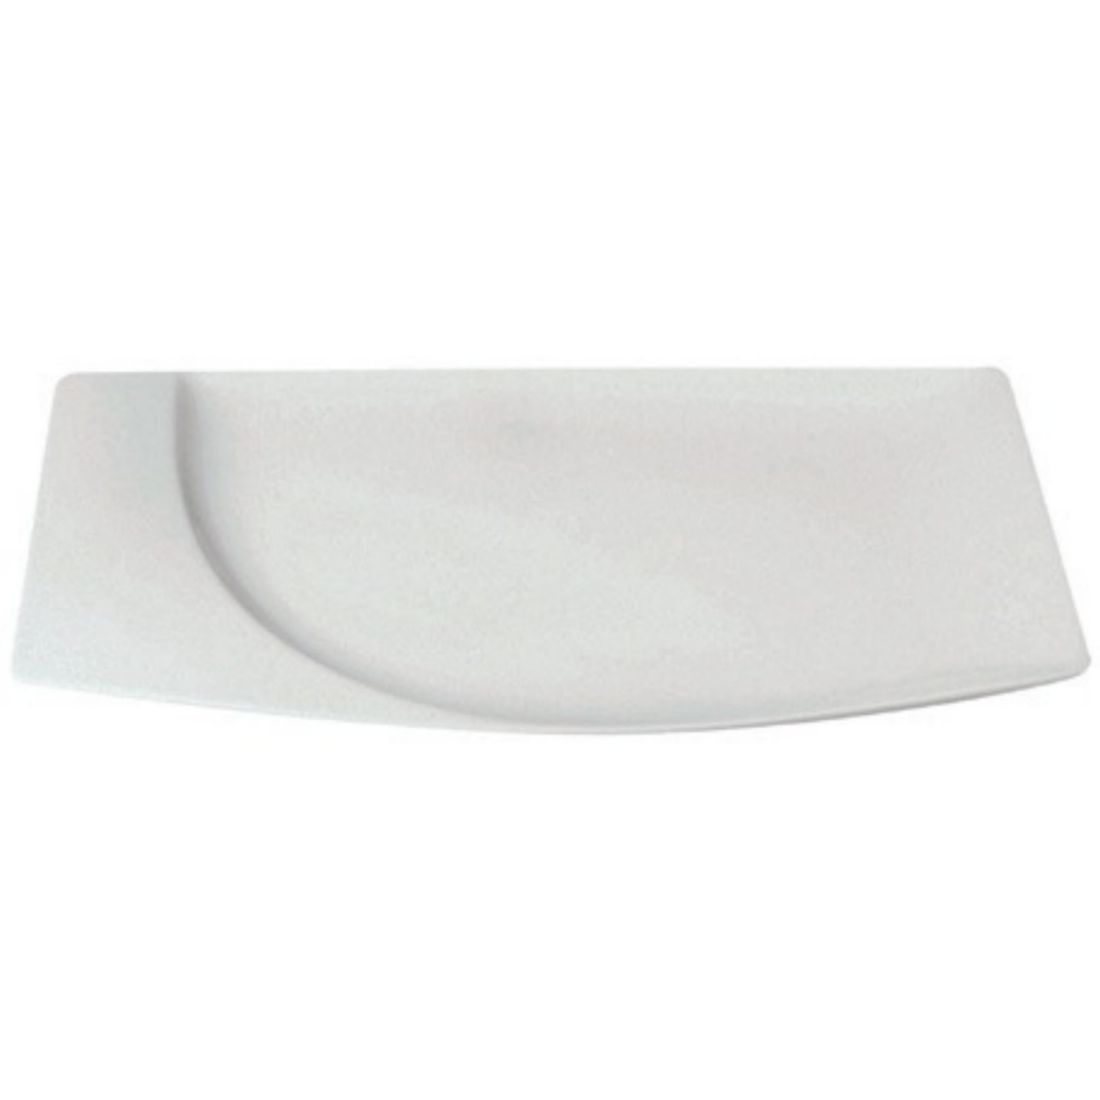 Talíř mělký obdélný 26 x 17 cm